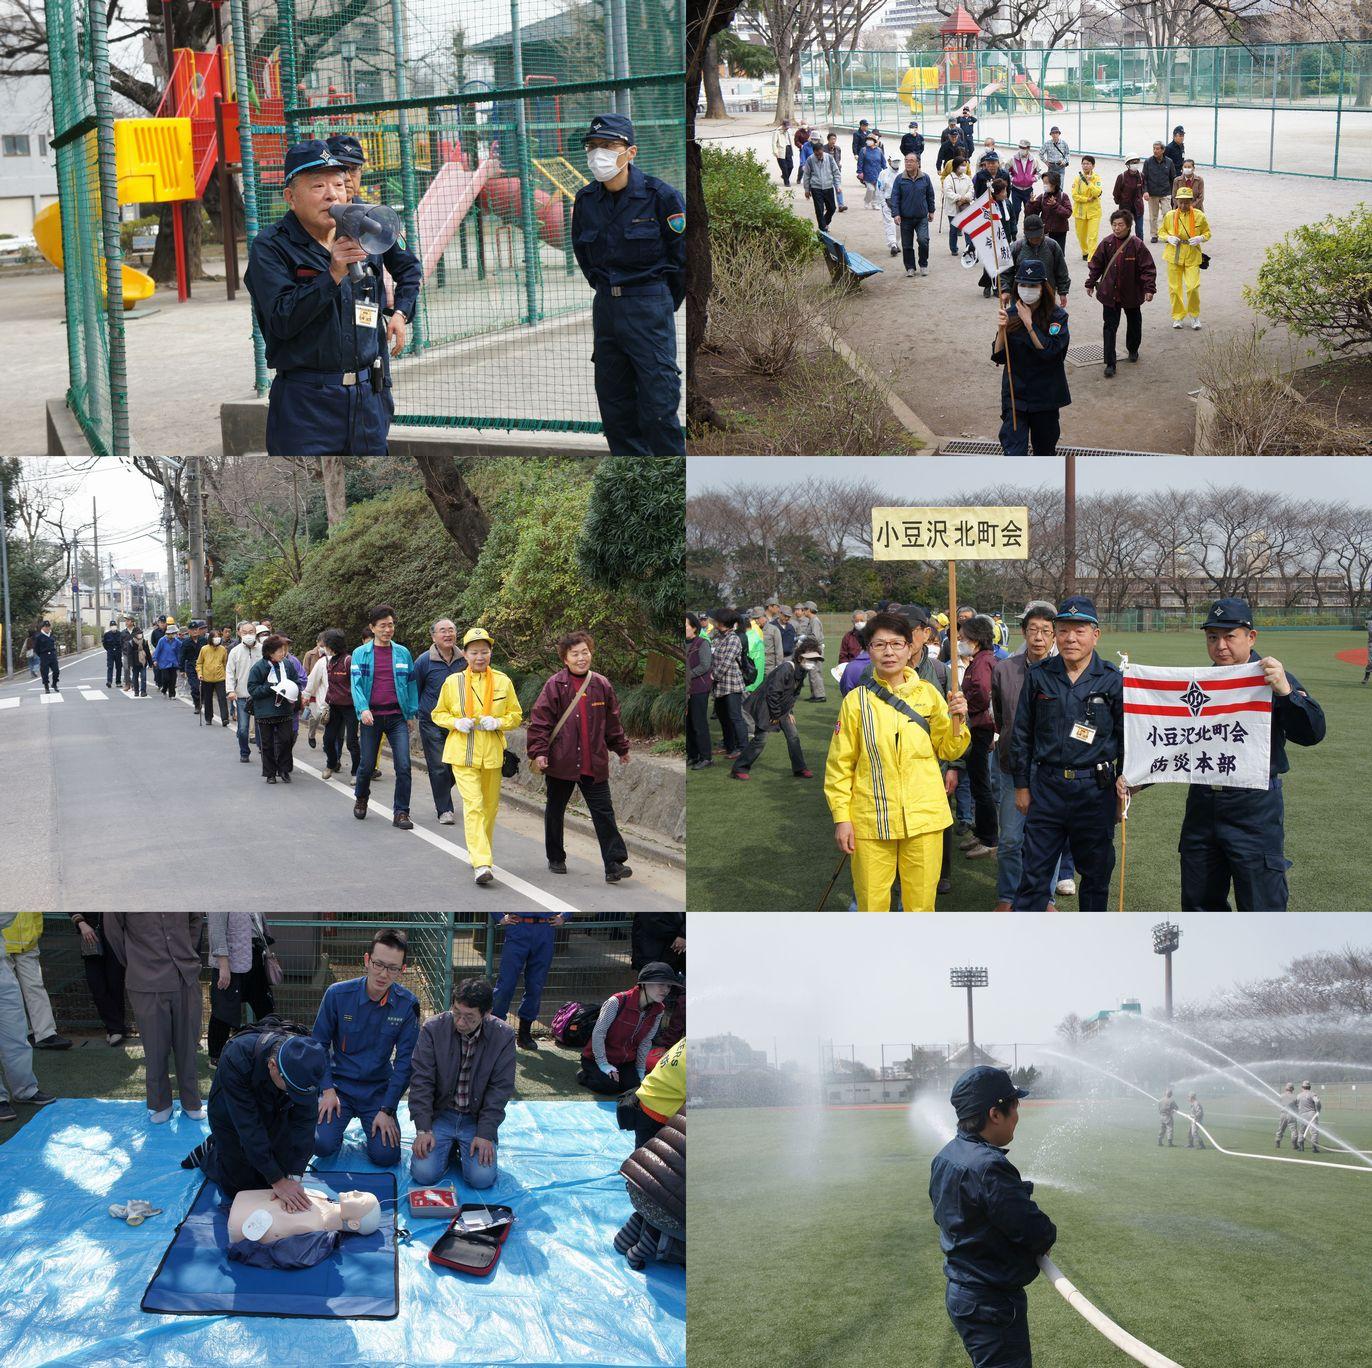 2013-03-10板橋区総合防災訓練